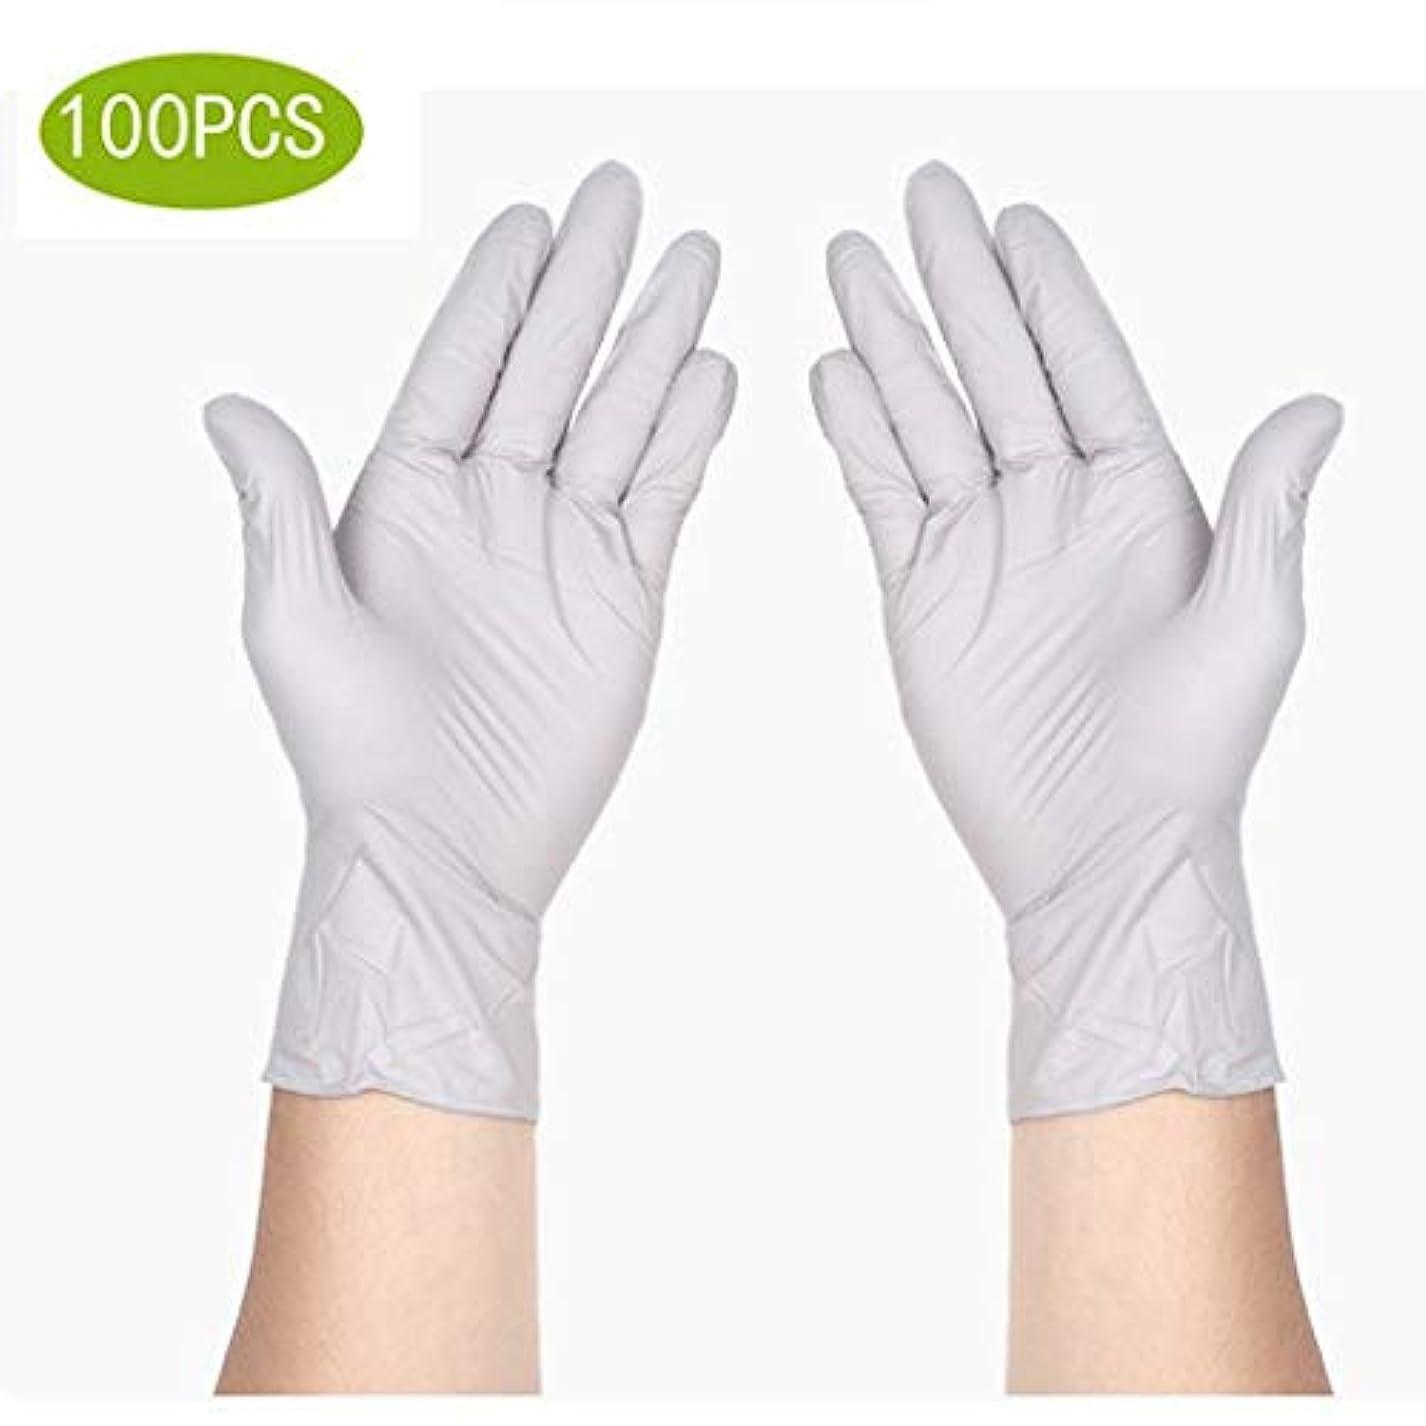 ルーキー評価可能殺すサニタリー手袋ニトリル医療グレード試験用手袋、使い捨て、ラテックスフリー、100カウント滅菌使い捨て安全手袋 (Size : L)